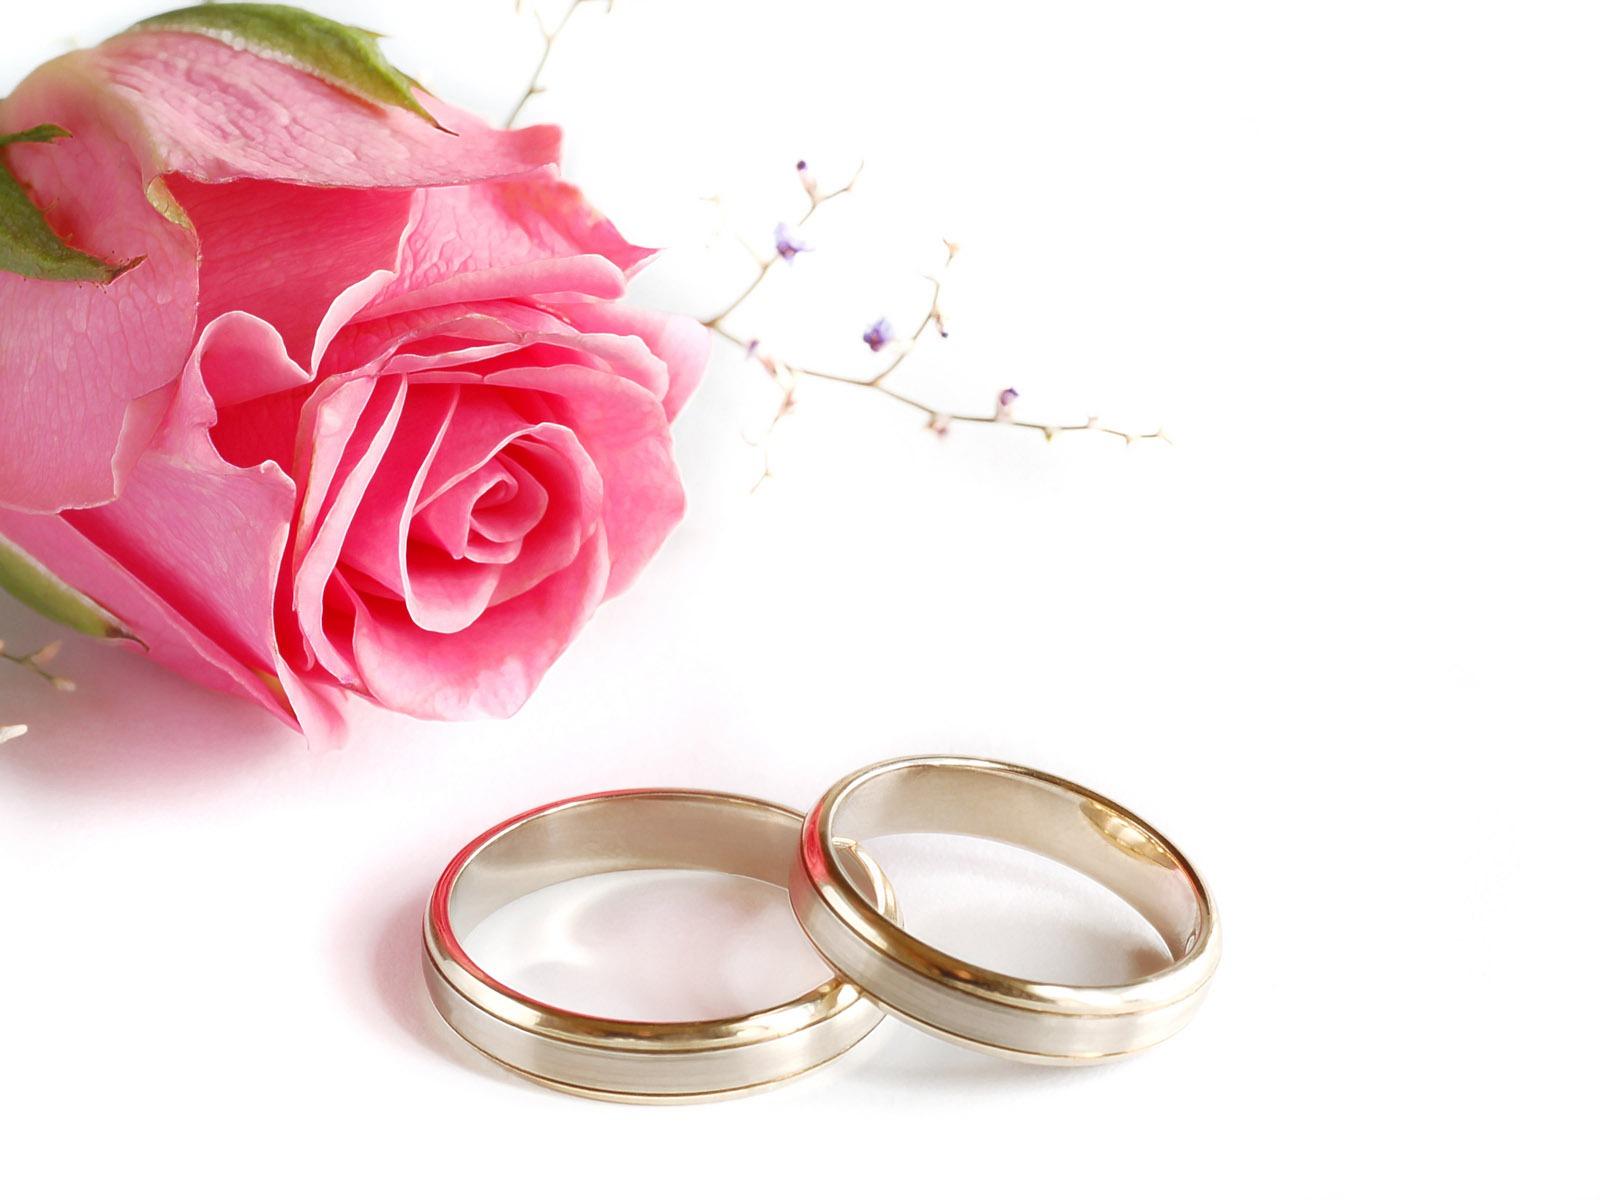 Поздравление с днём свадьбы короткое и красивое